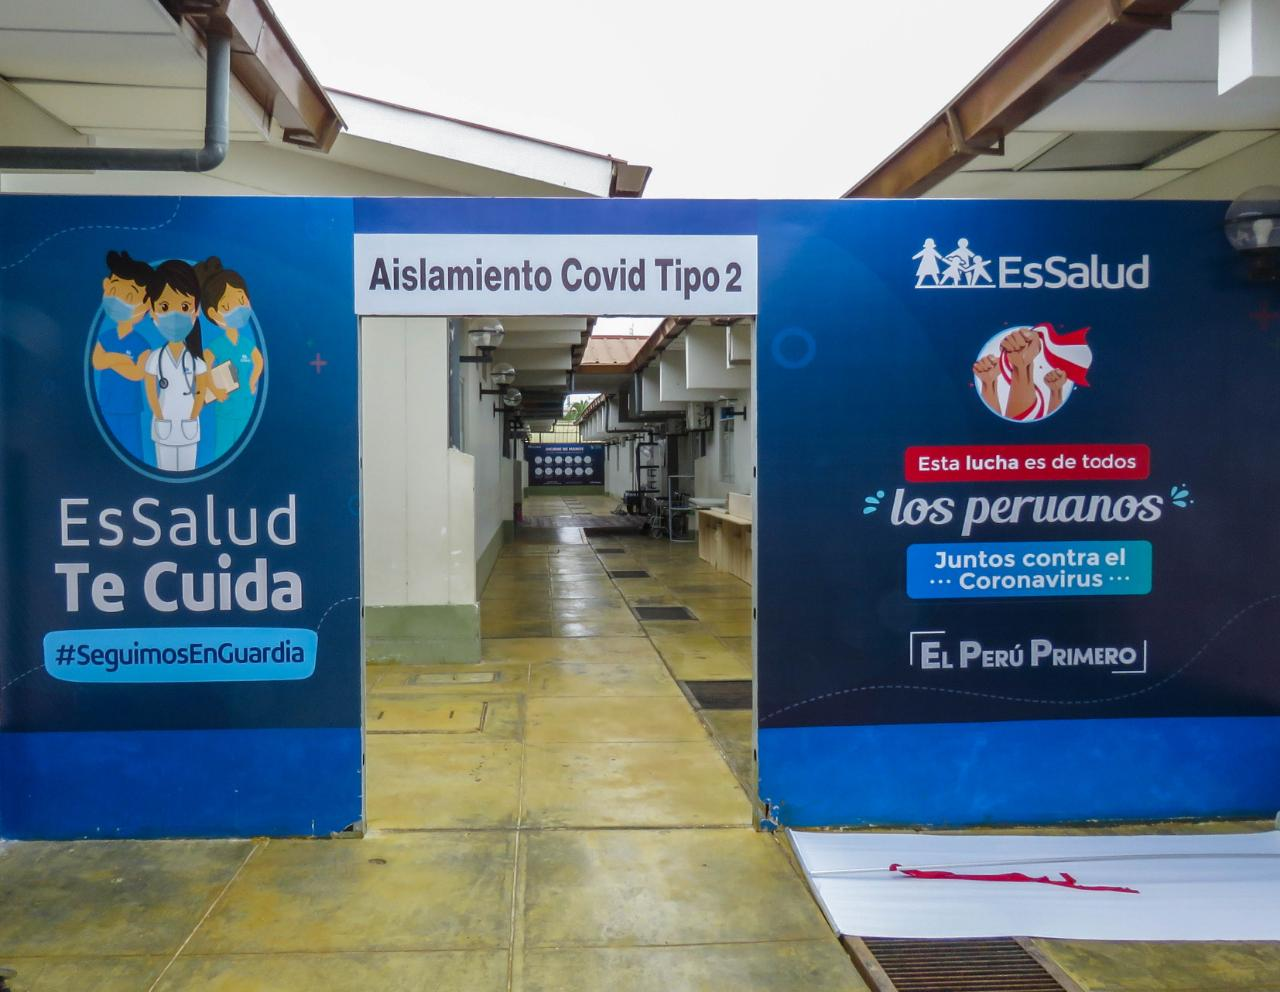 Essalud - EsSalud Tumbes triplicará la cantidad de camas para pacientes Covid-19